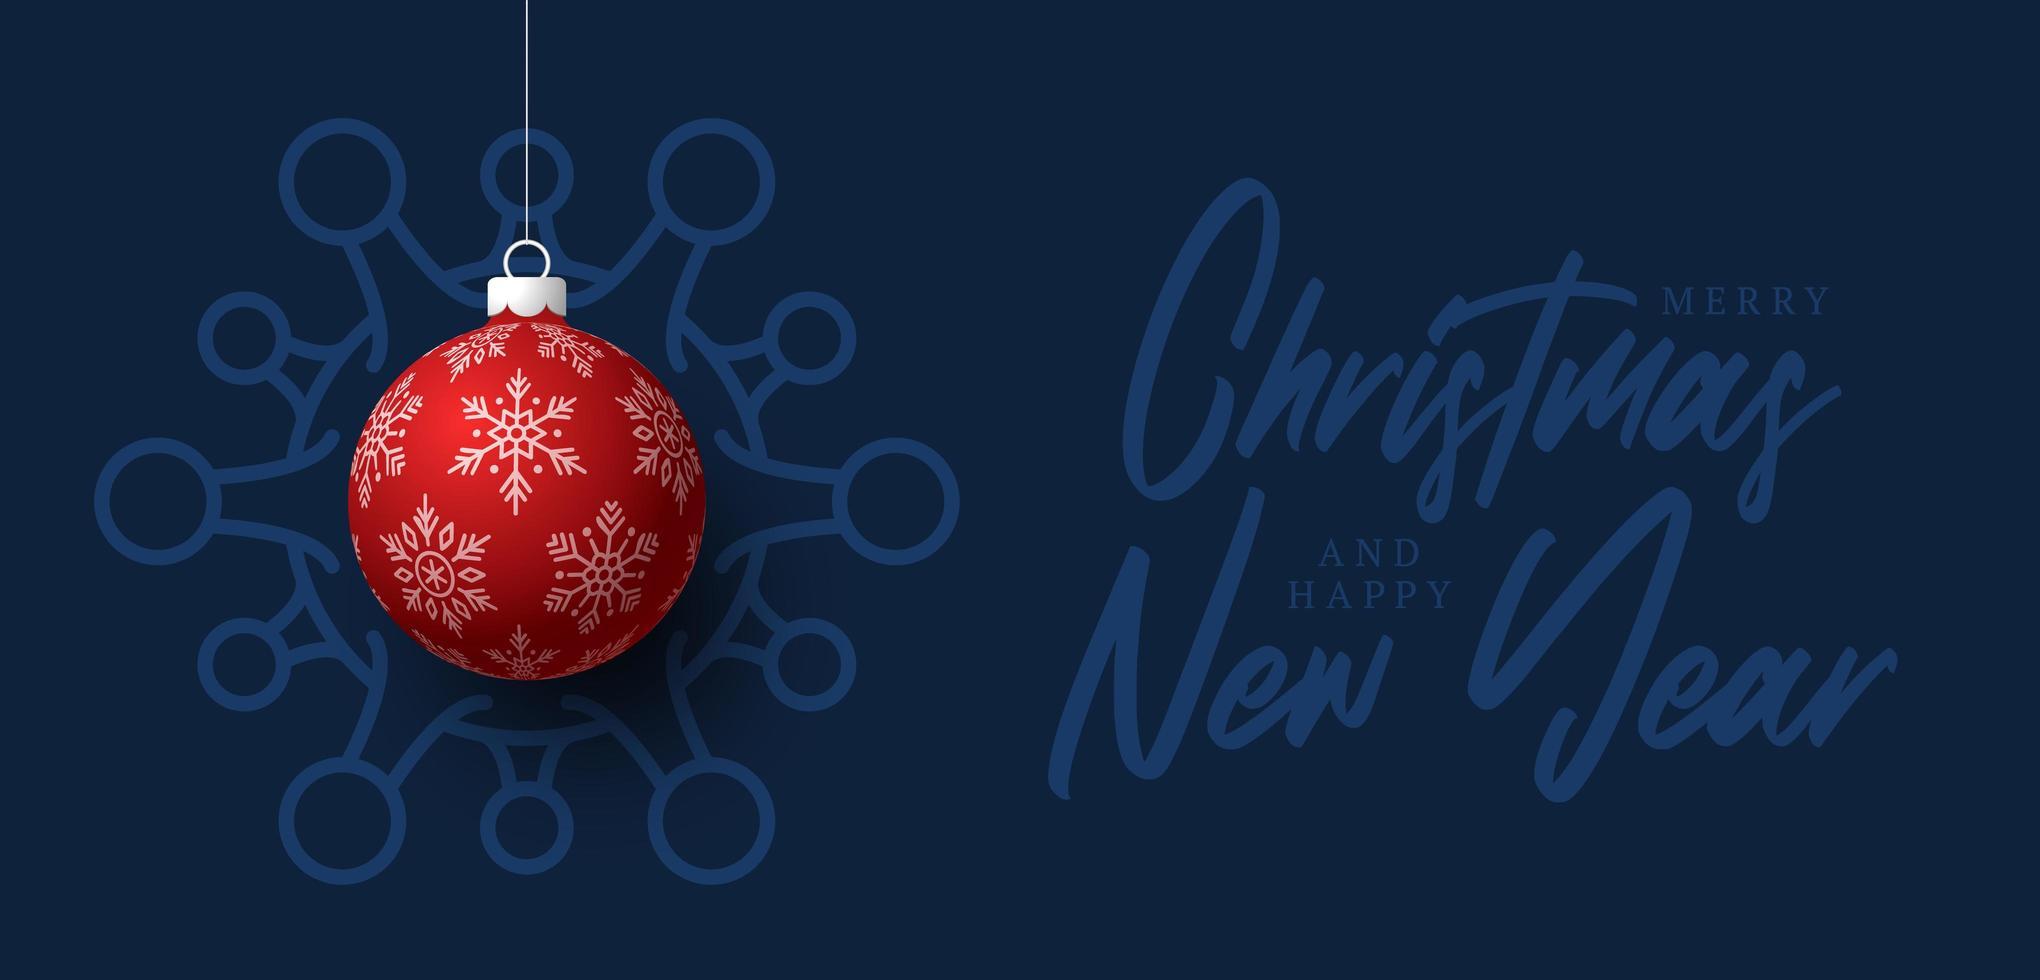 röd jul boll coronavirus cell blå banner vektor